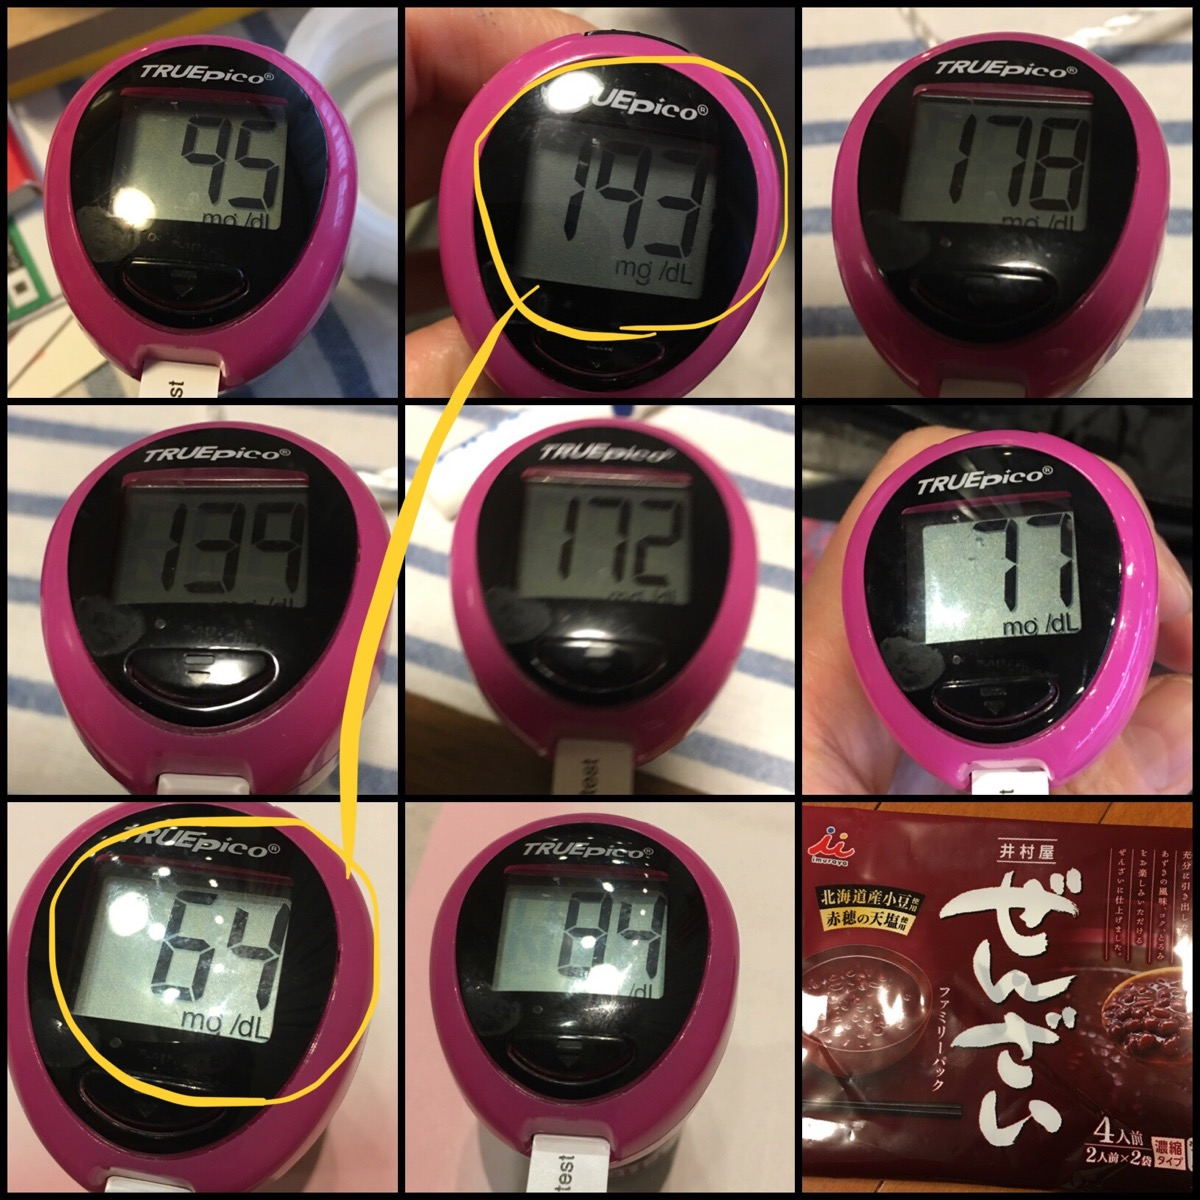 血糖値測定[24]ぜんざいはどうなの?